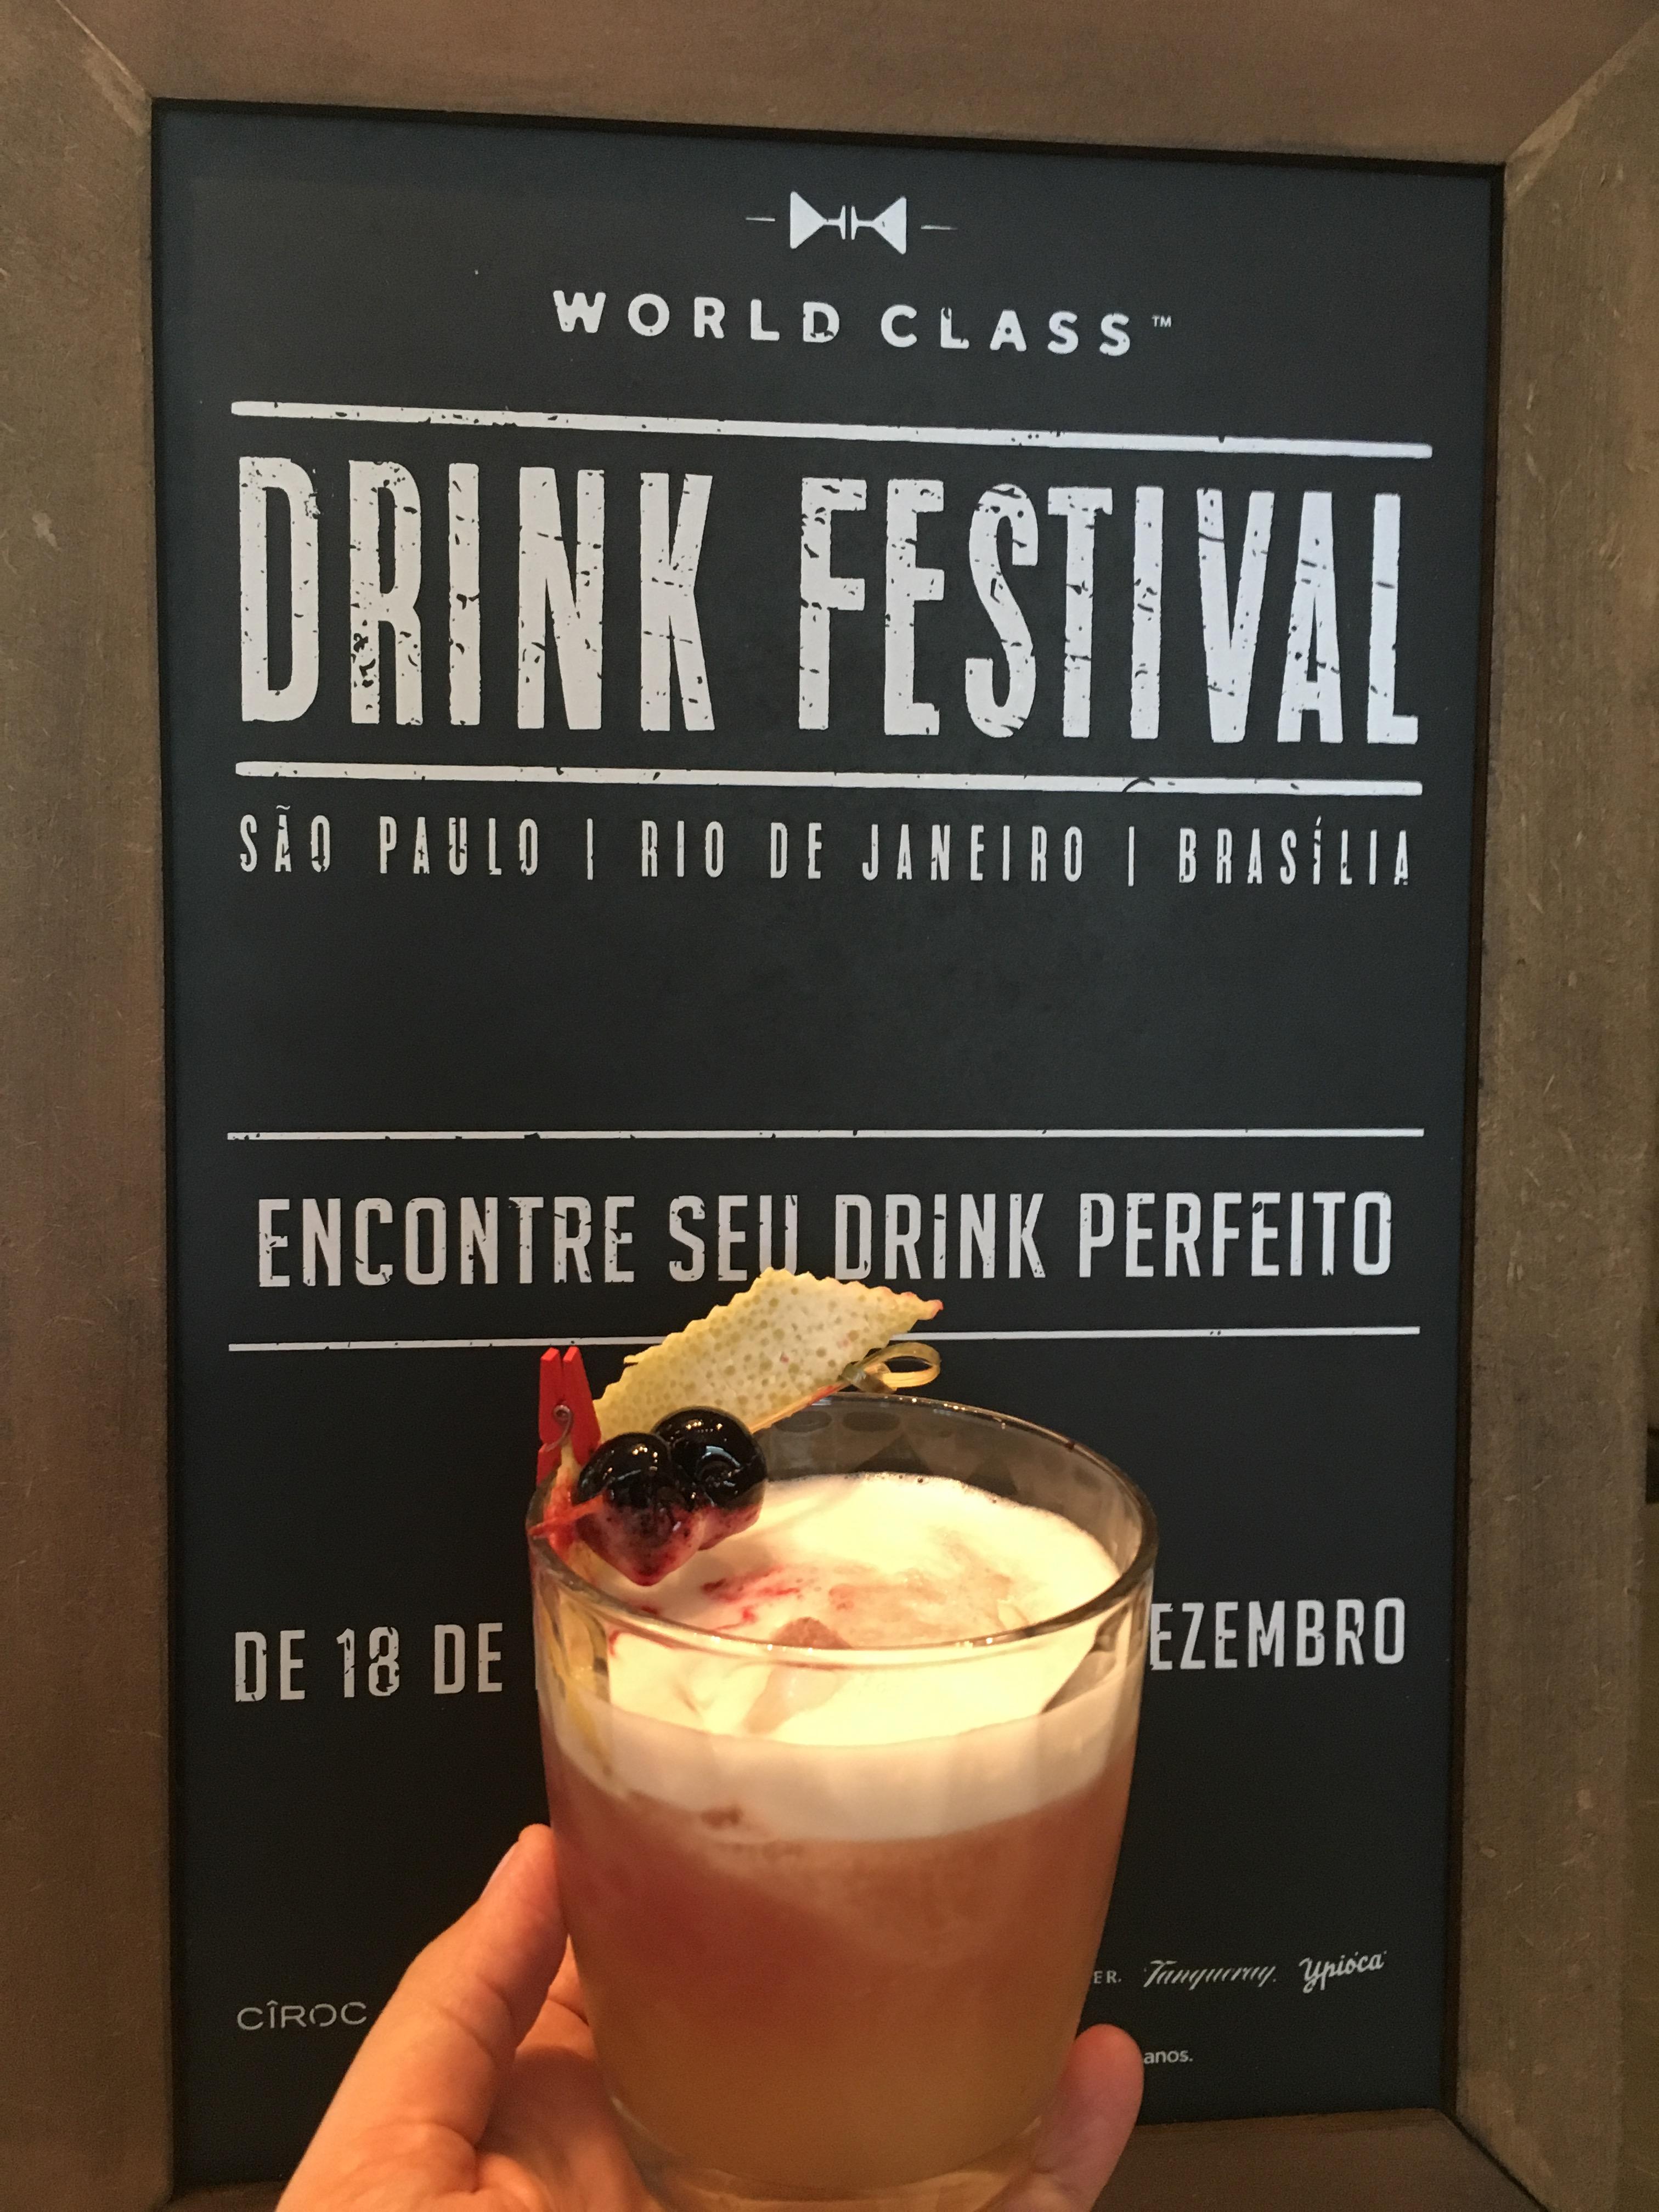 World Class Drink Festival 2016